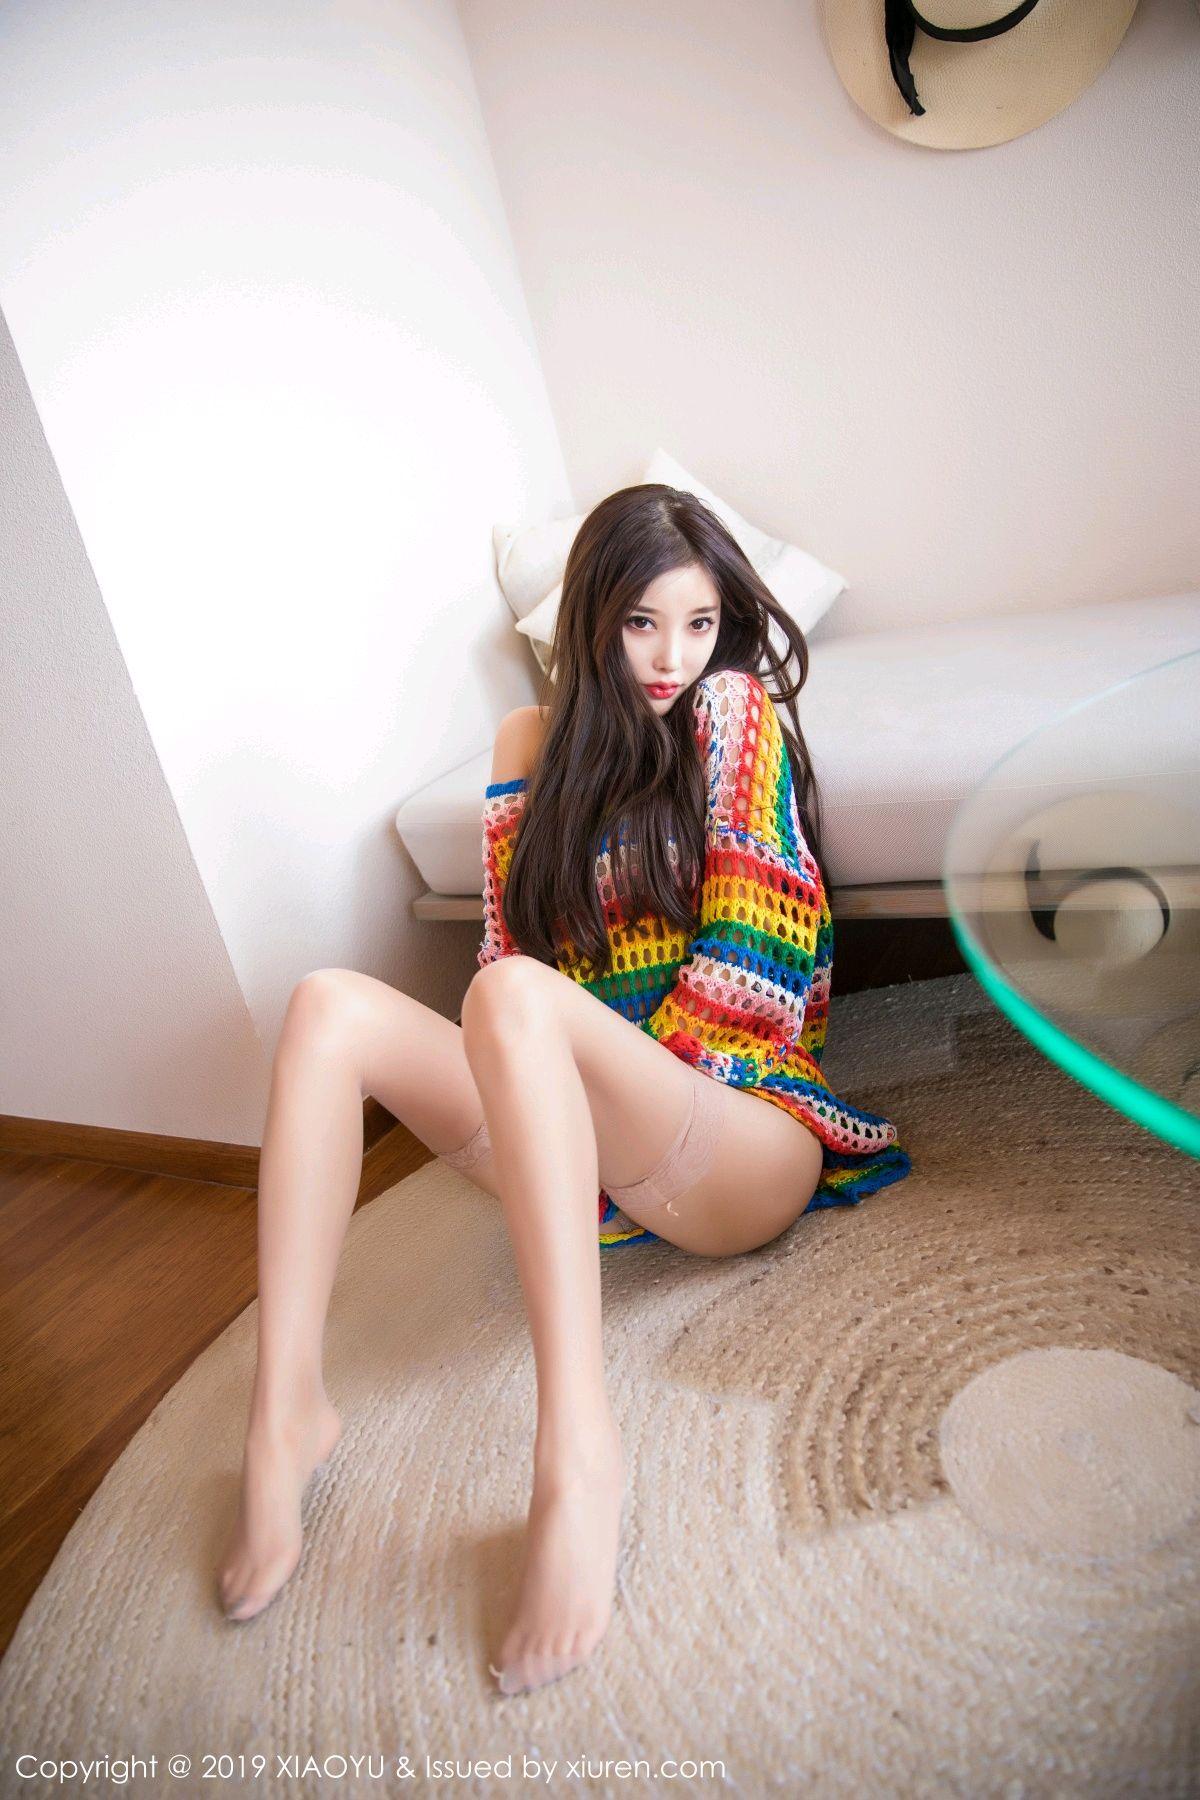 [XiaoYu] Vol.067 Yang Chen Chen 1P, Beach, Underwear, XiaoYu, Yang Chen Chen